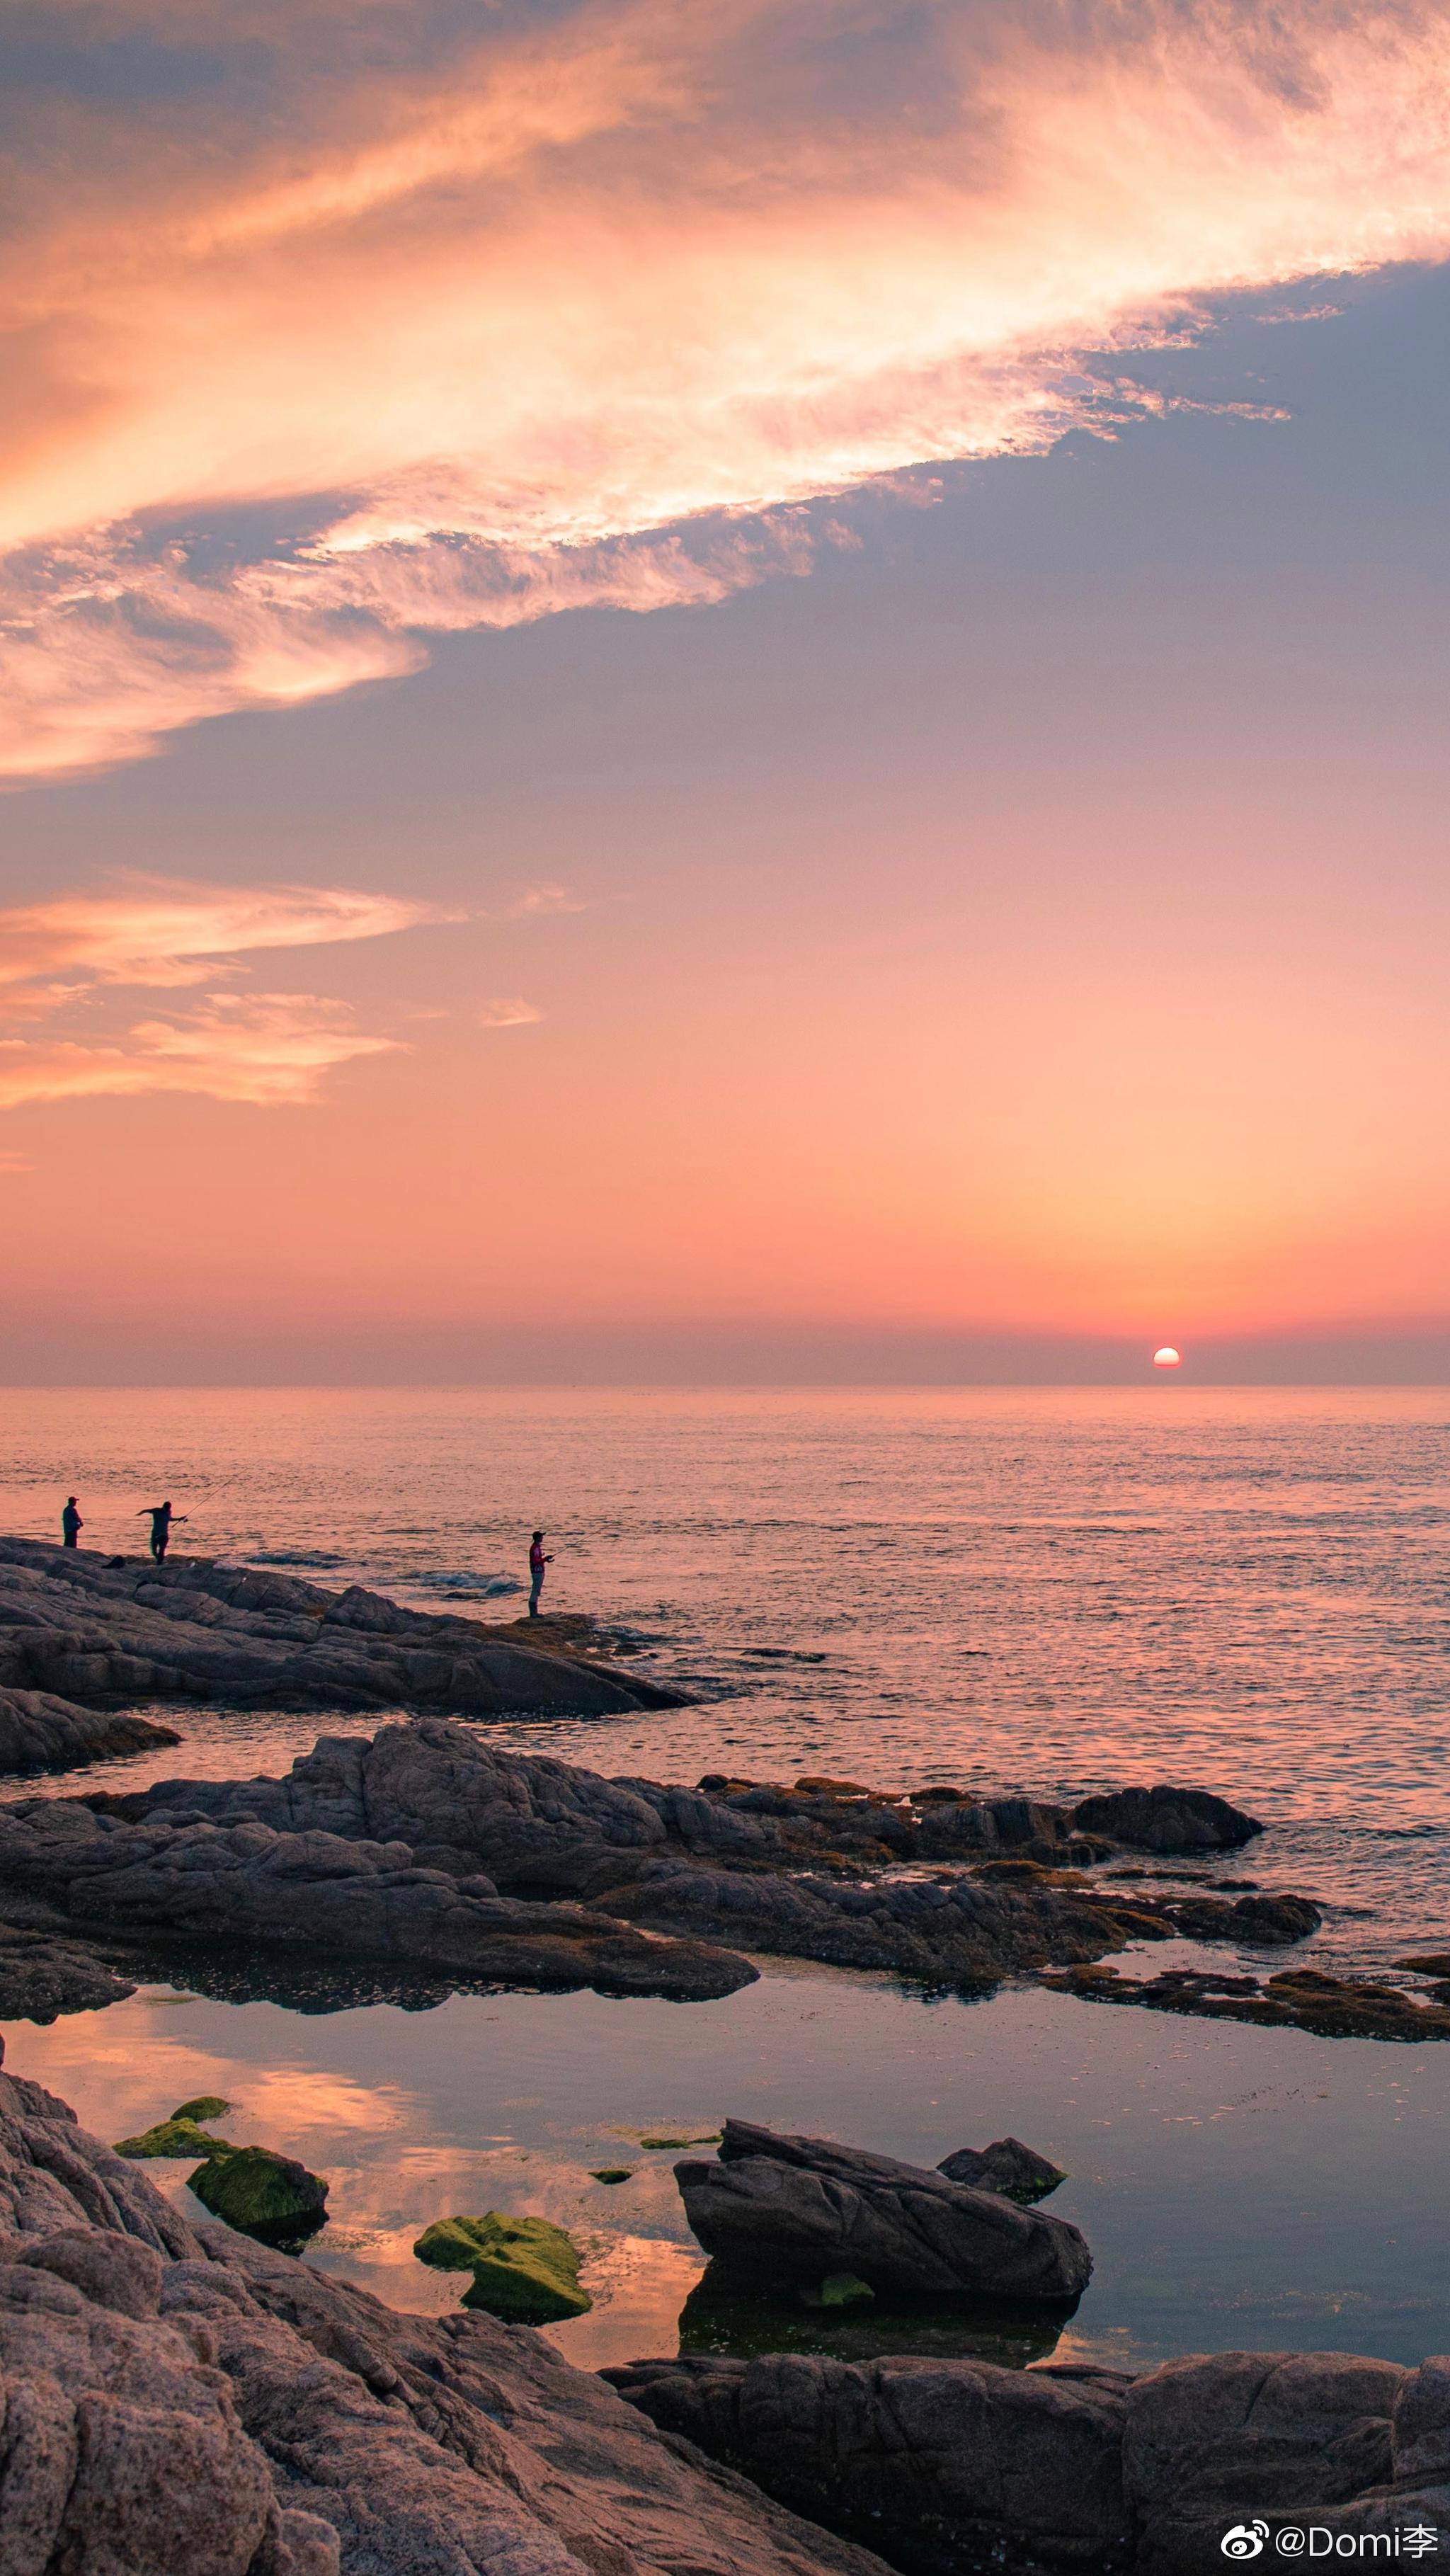 七月夏鱼与飞鸟阳光,星辰或许可以做个屏保…@微博旅游